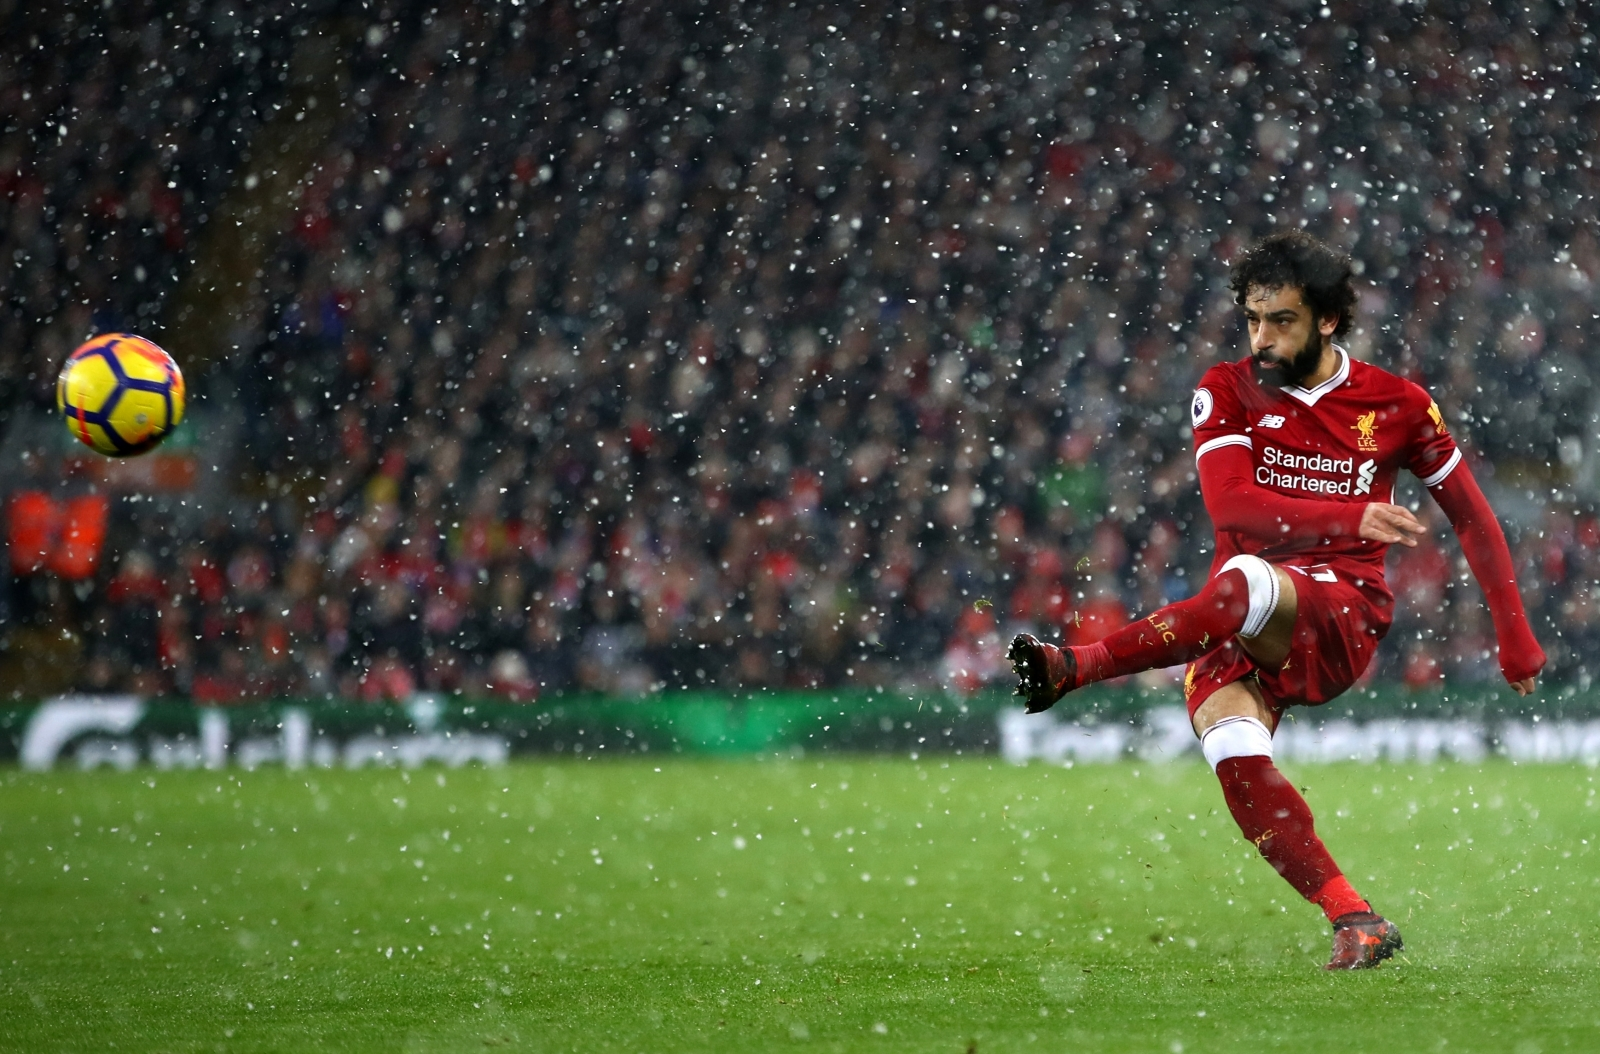 Jurgen Klopp confirms injury scare for Mohamed Salah and ...